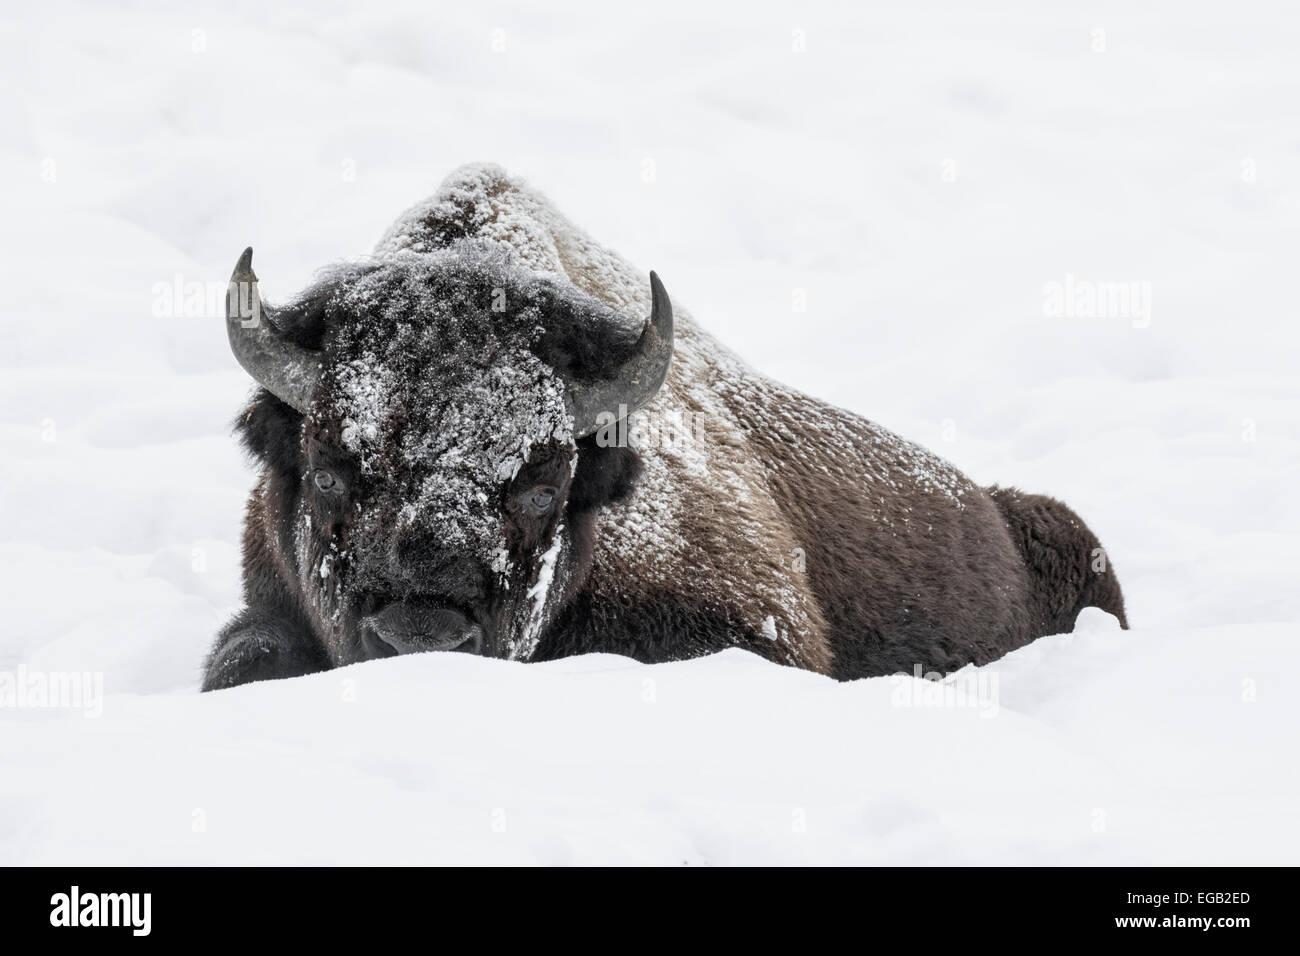 bison lying stockfotos bison lying bilder alamy. Black Bedroom Furniture Sets. Home Design Ideas